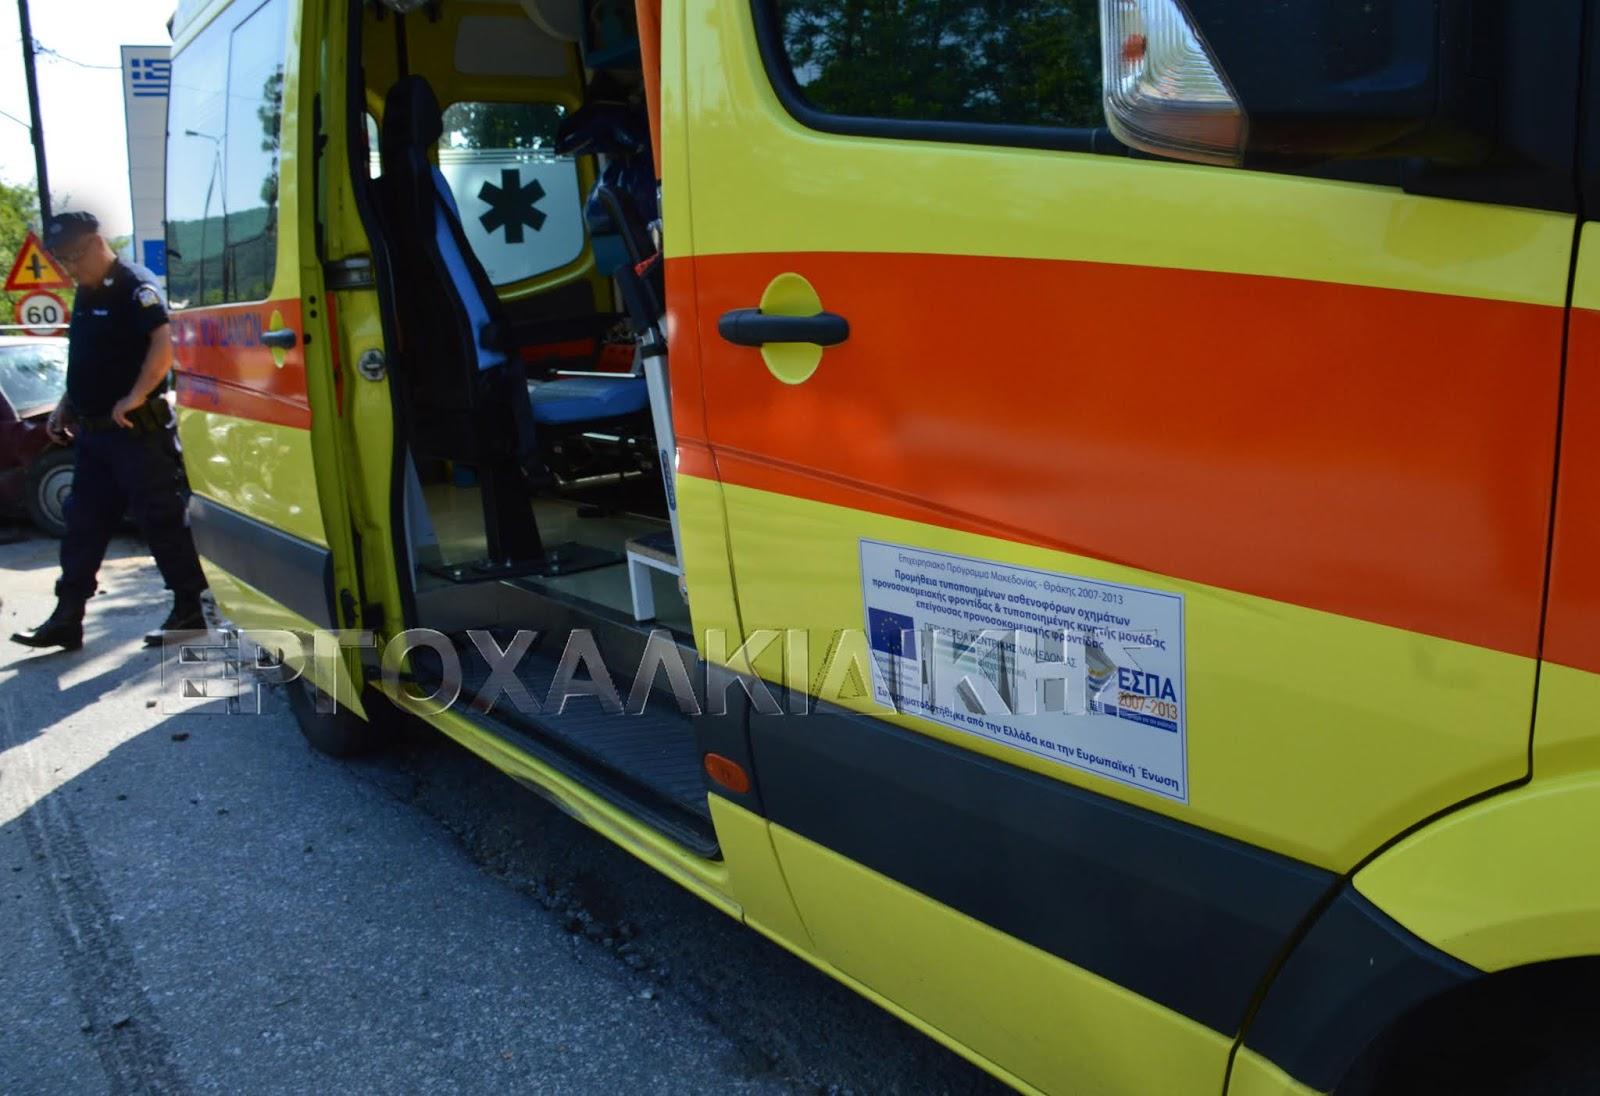 14χρονο κορίτσι παρασύρθηκε από επιτήδειο οδηγό στην Σάρτη Χαλκιδικής και εγκαταλείφθηκε.